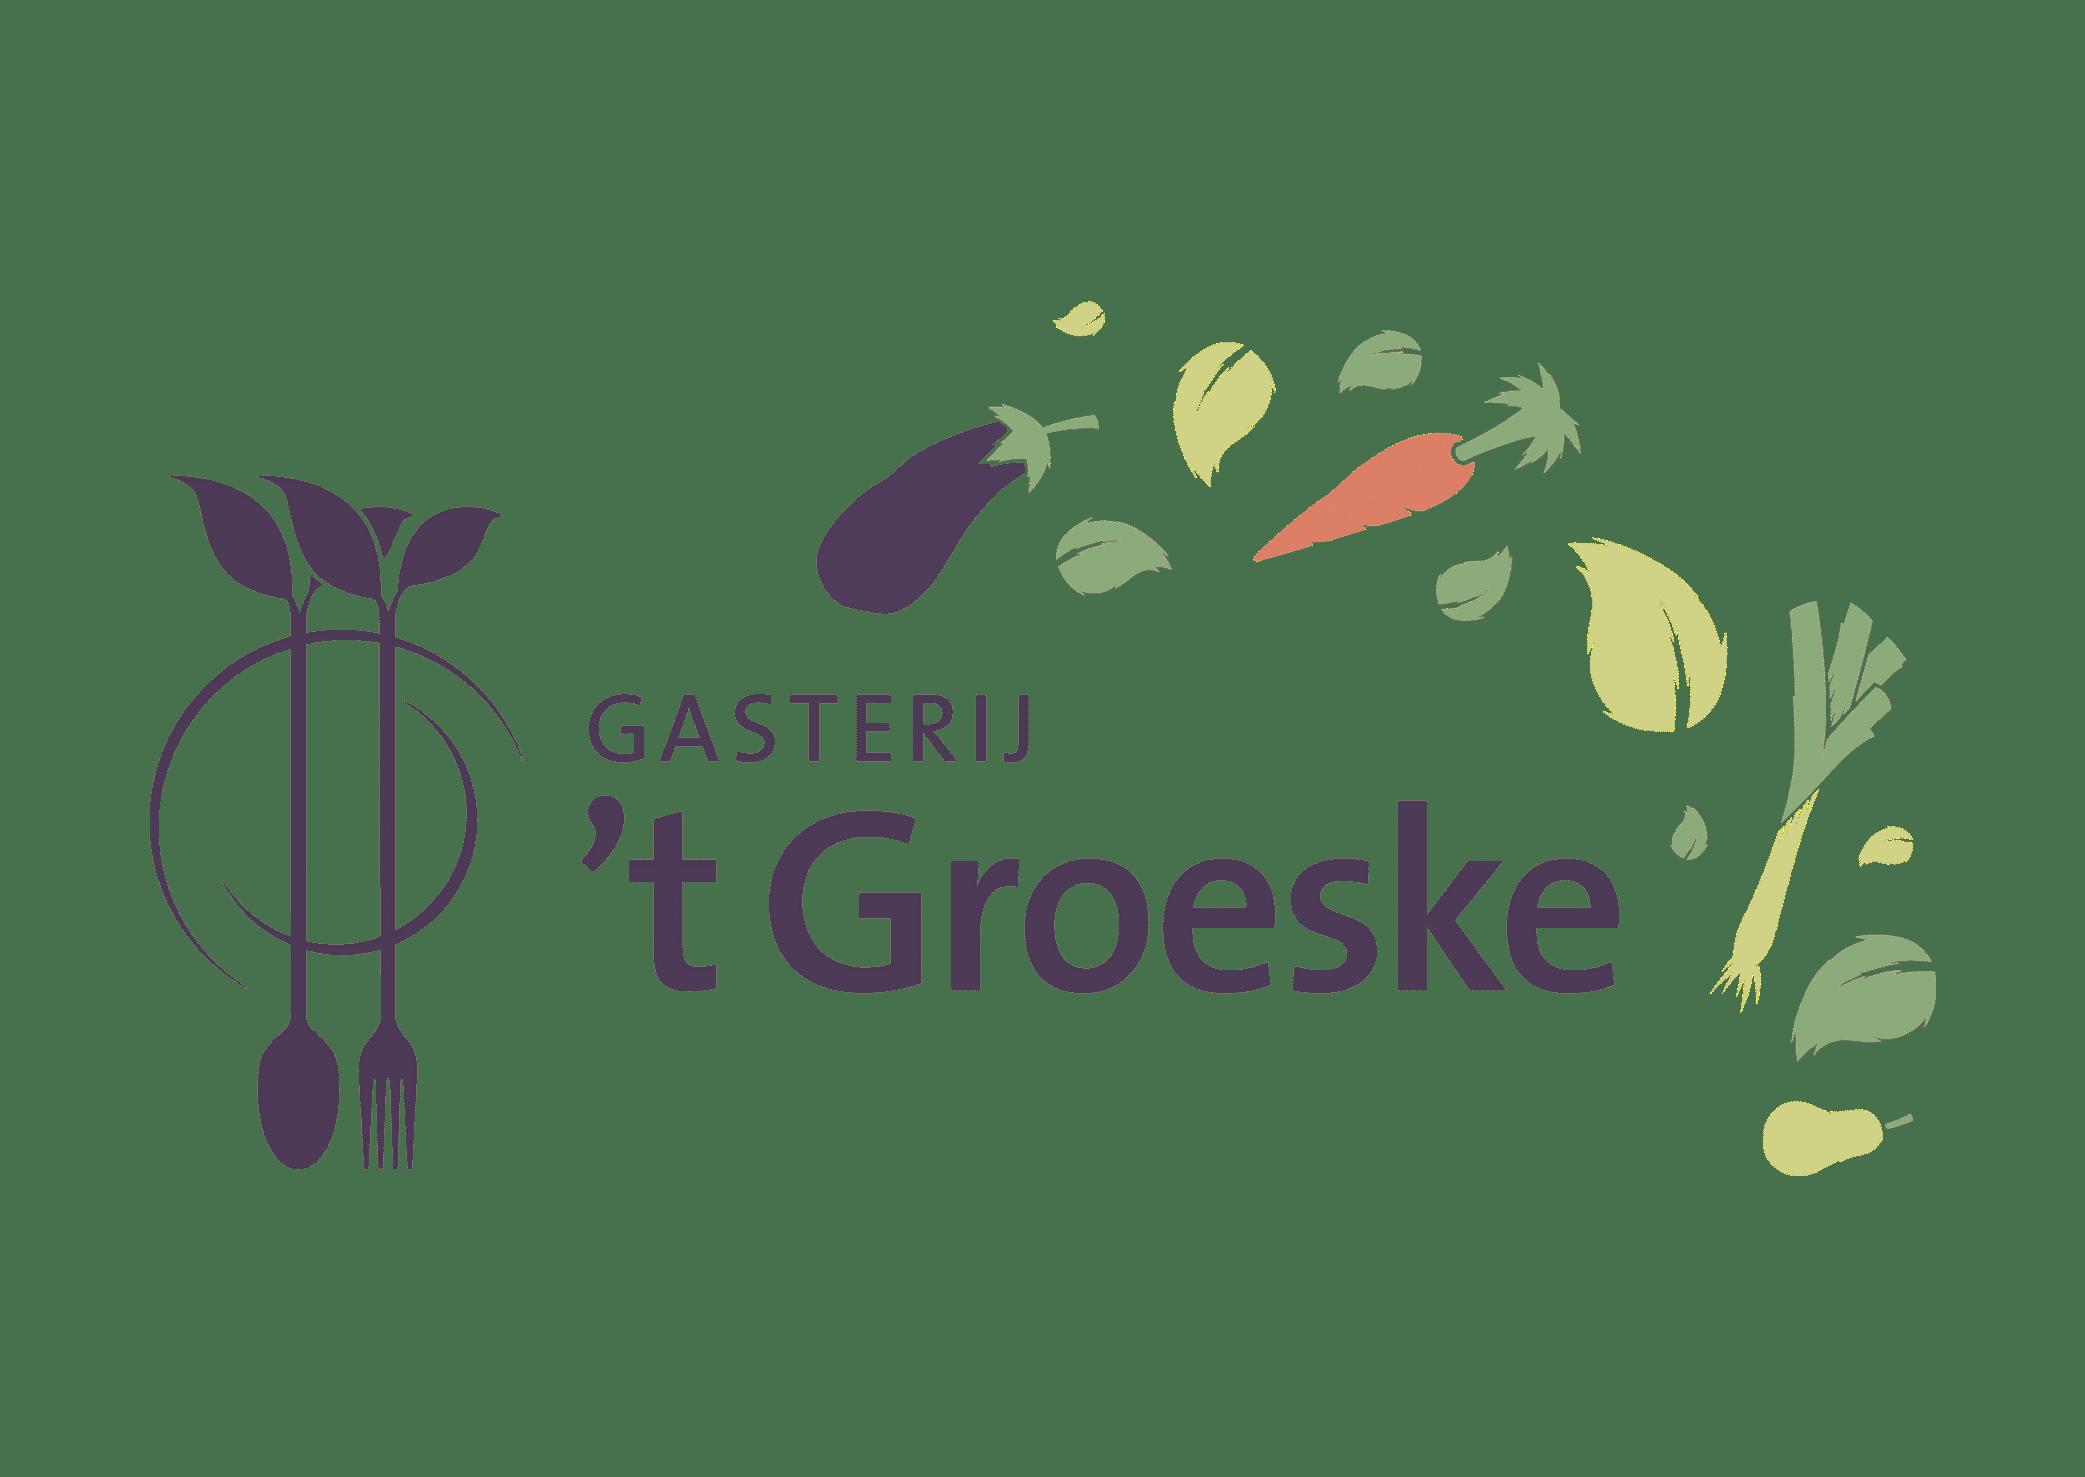 Gasterij 't Groeske